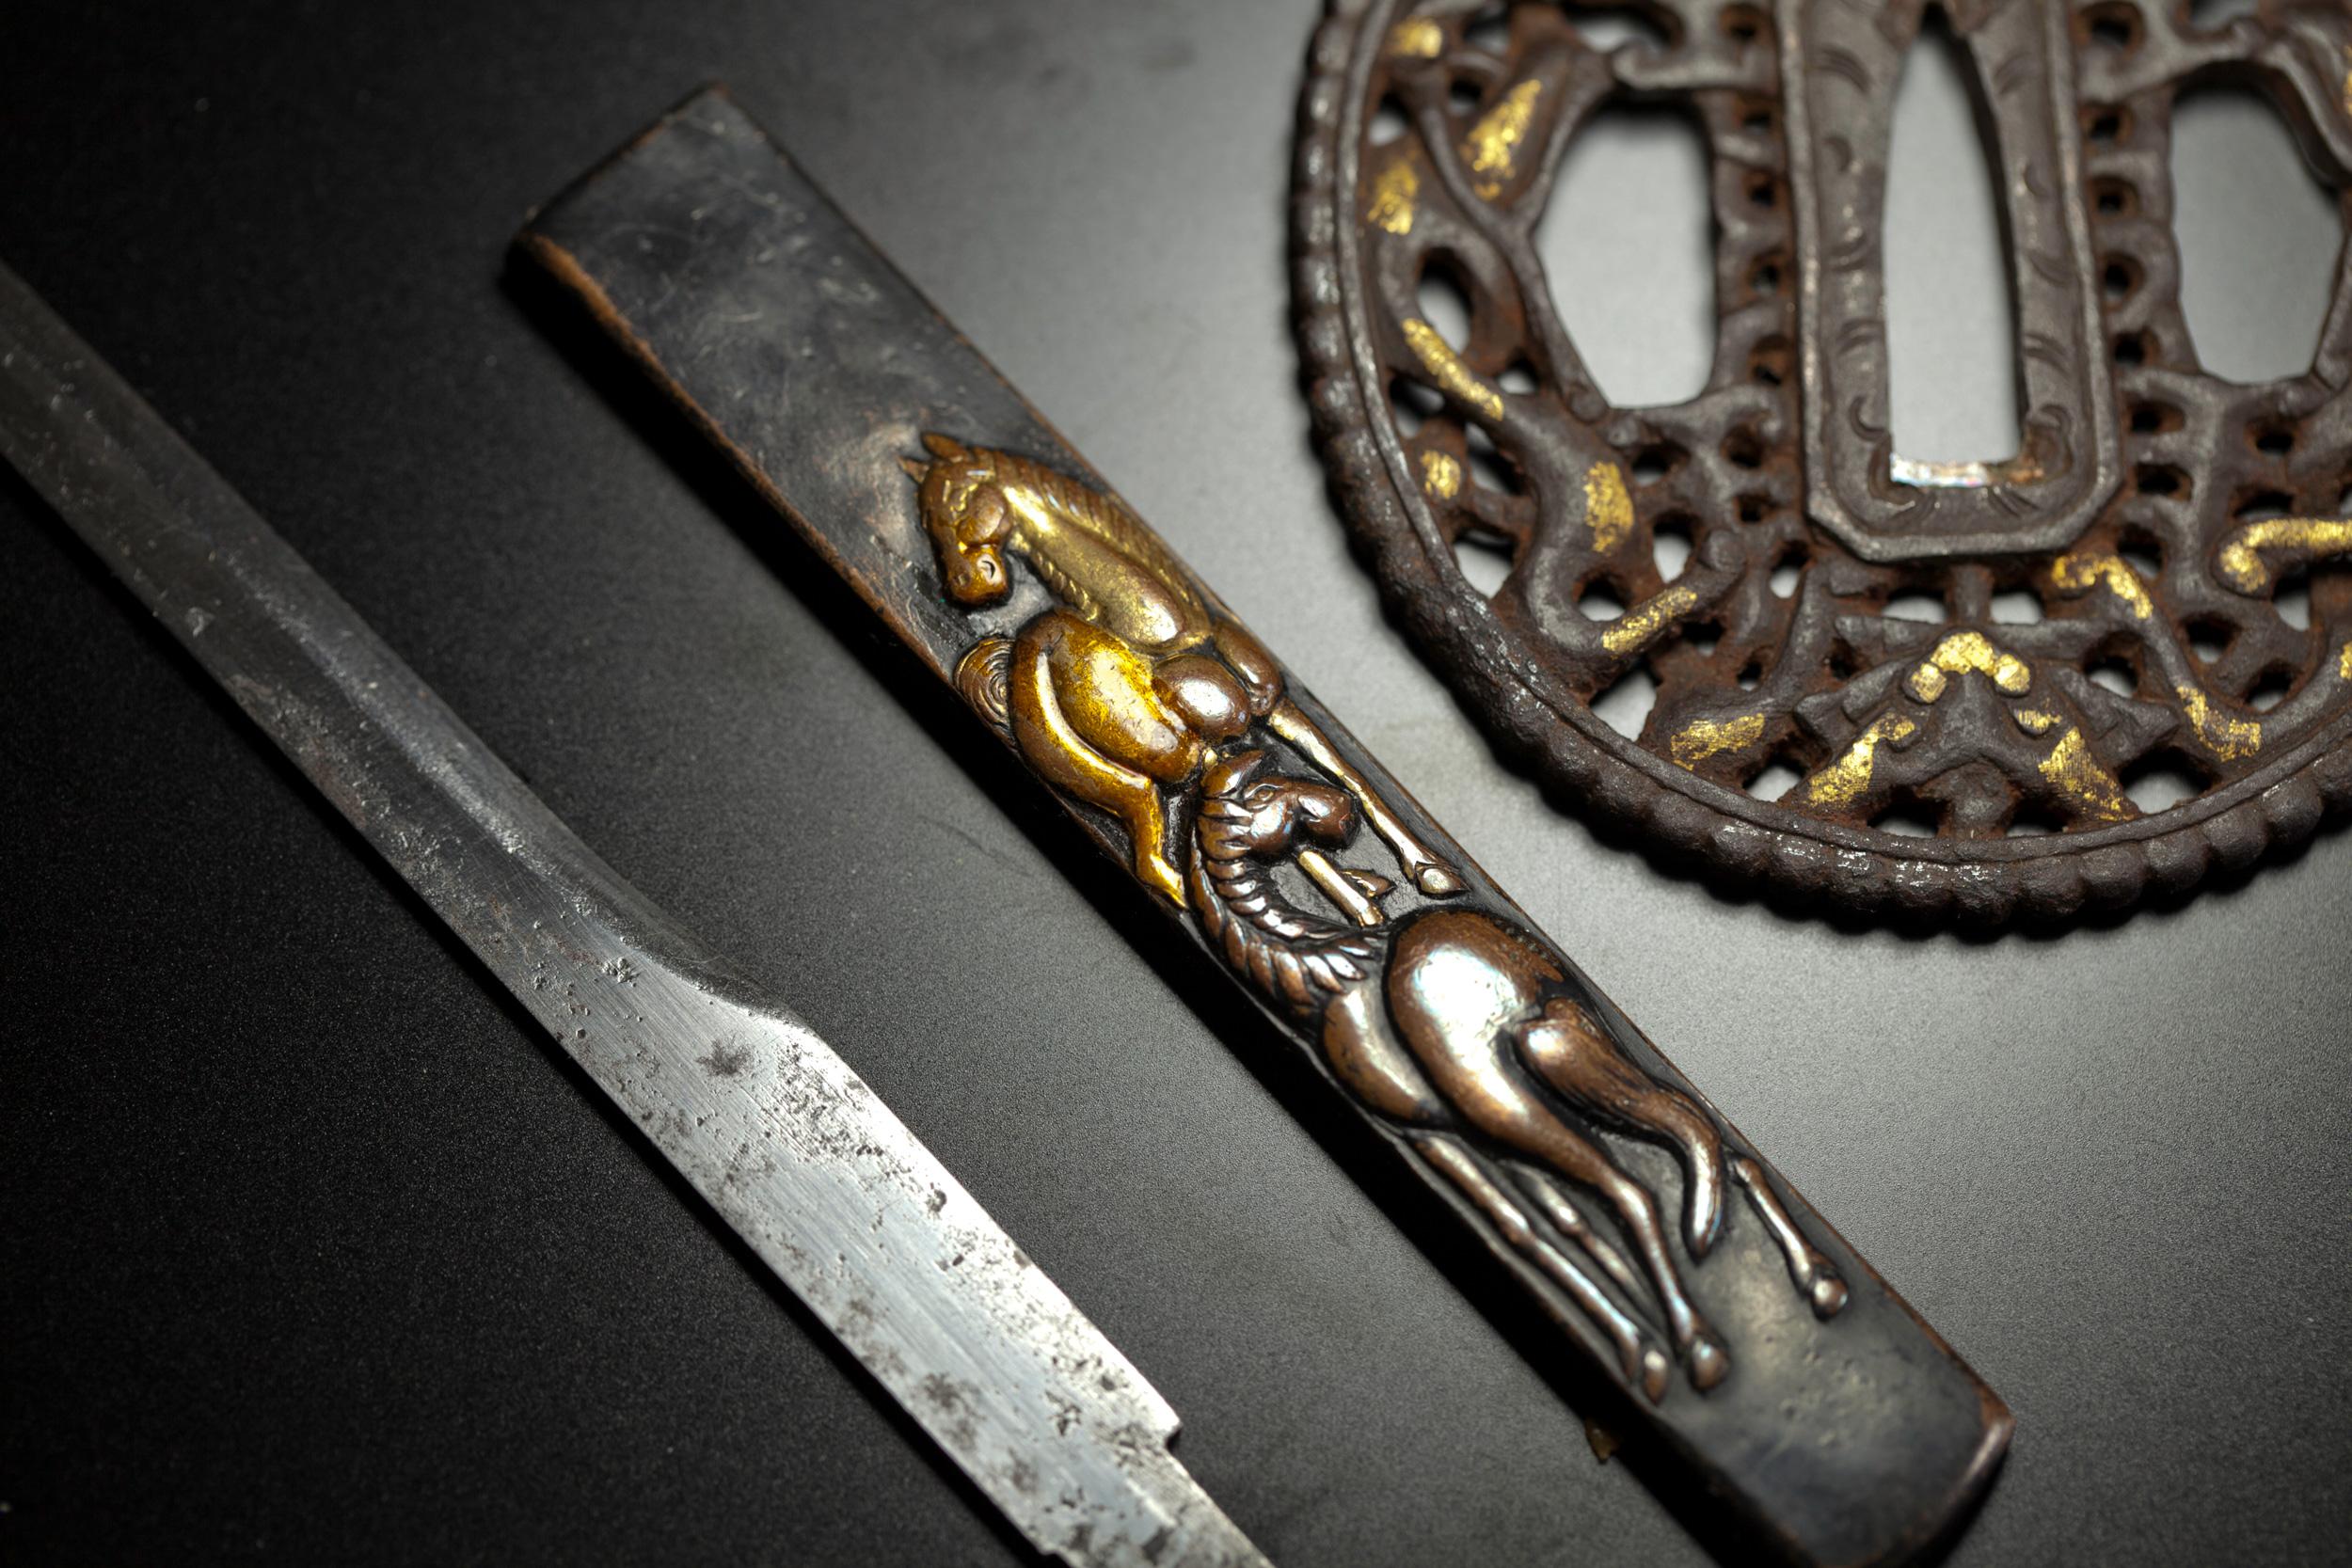 鍔は非常に状態の良い「南蛮鍔」で金象嵌の色もはっきり出ています。ハバキは銀無垢ですべて銀で作られています。鞘はご自身で塗られた思いますが厚手の黒漆塗り。また小柄は現代物を添えております